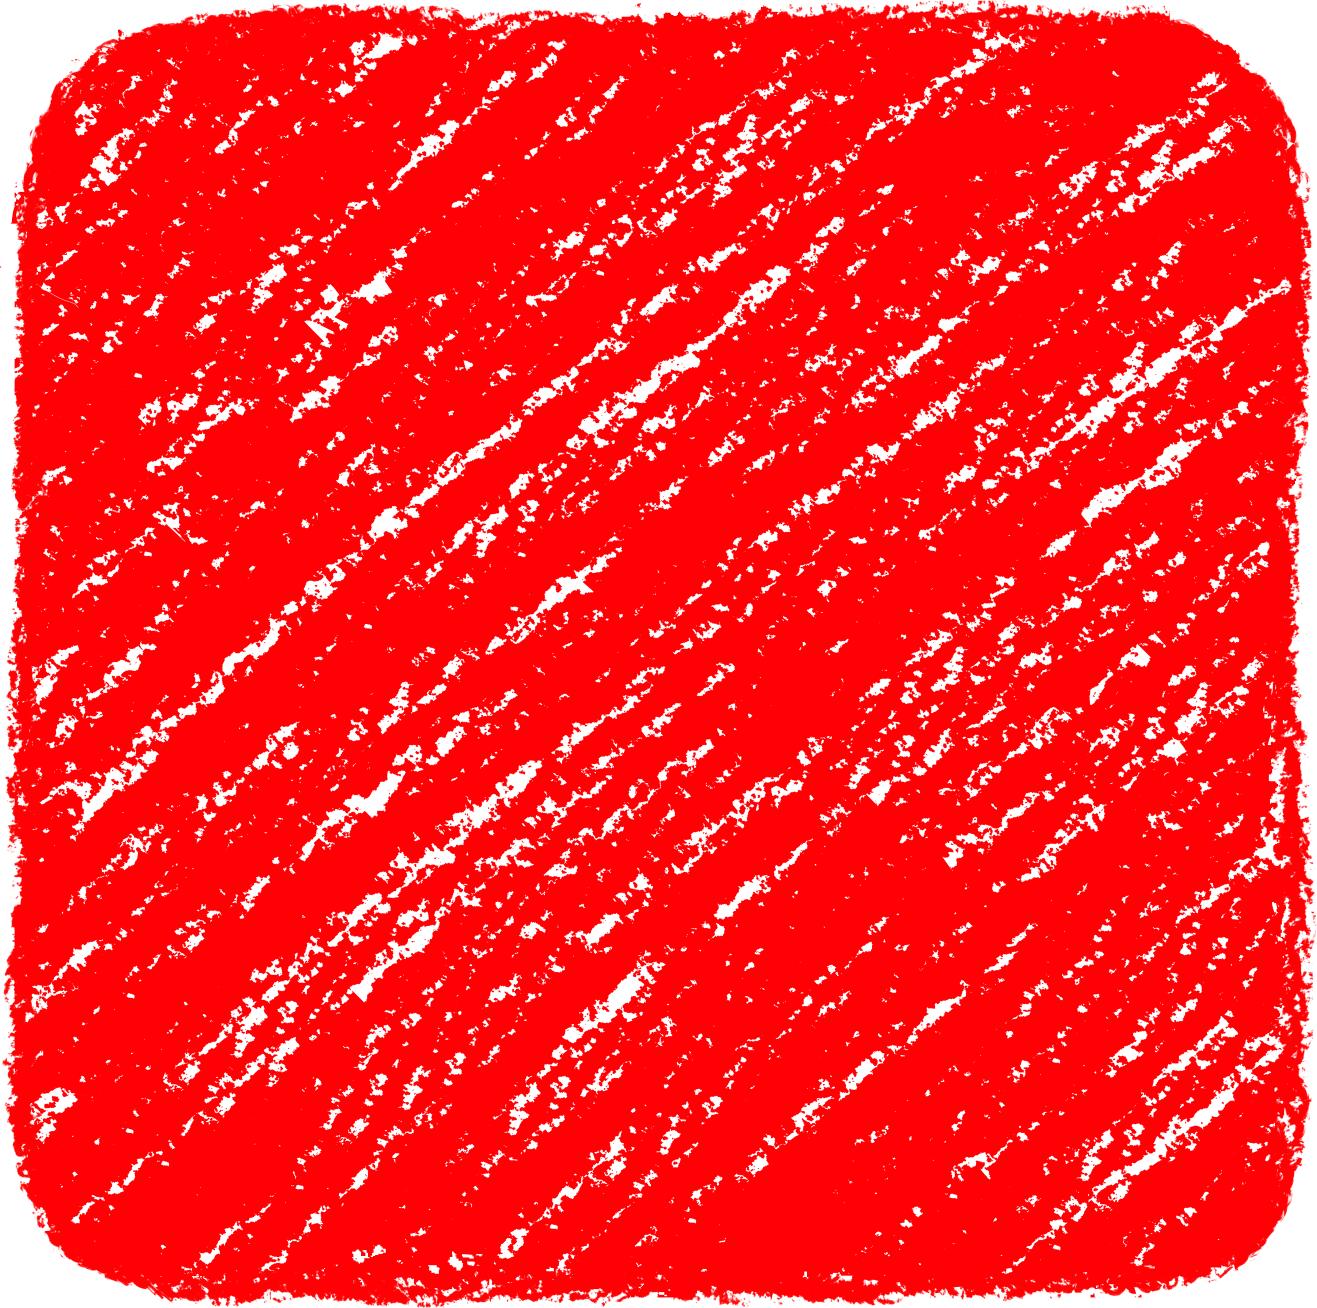 クレヨン塗り背景 赤色 新(レッド)四角のイラスト square_red